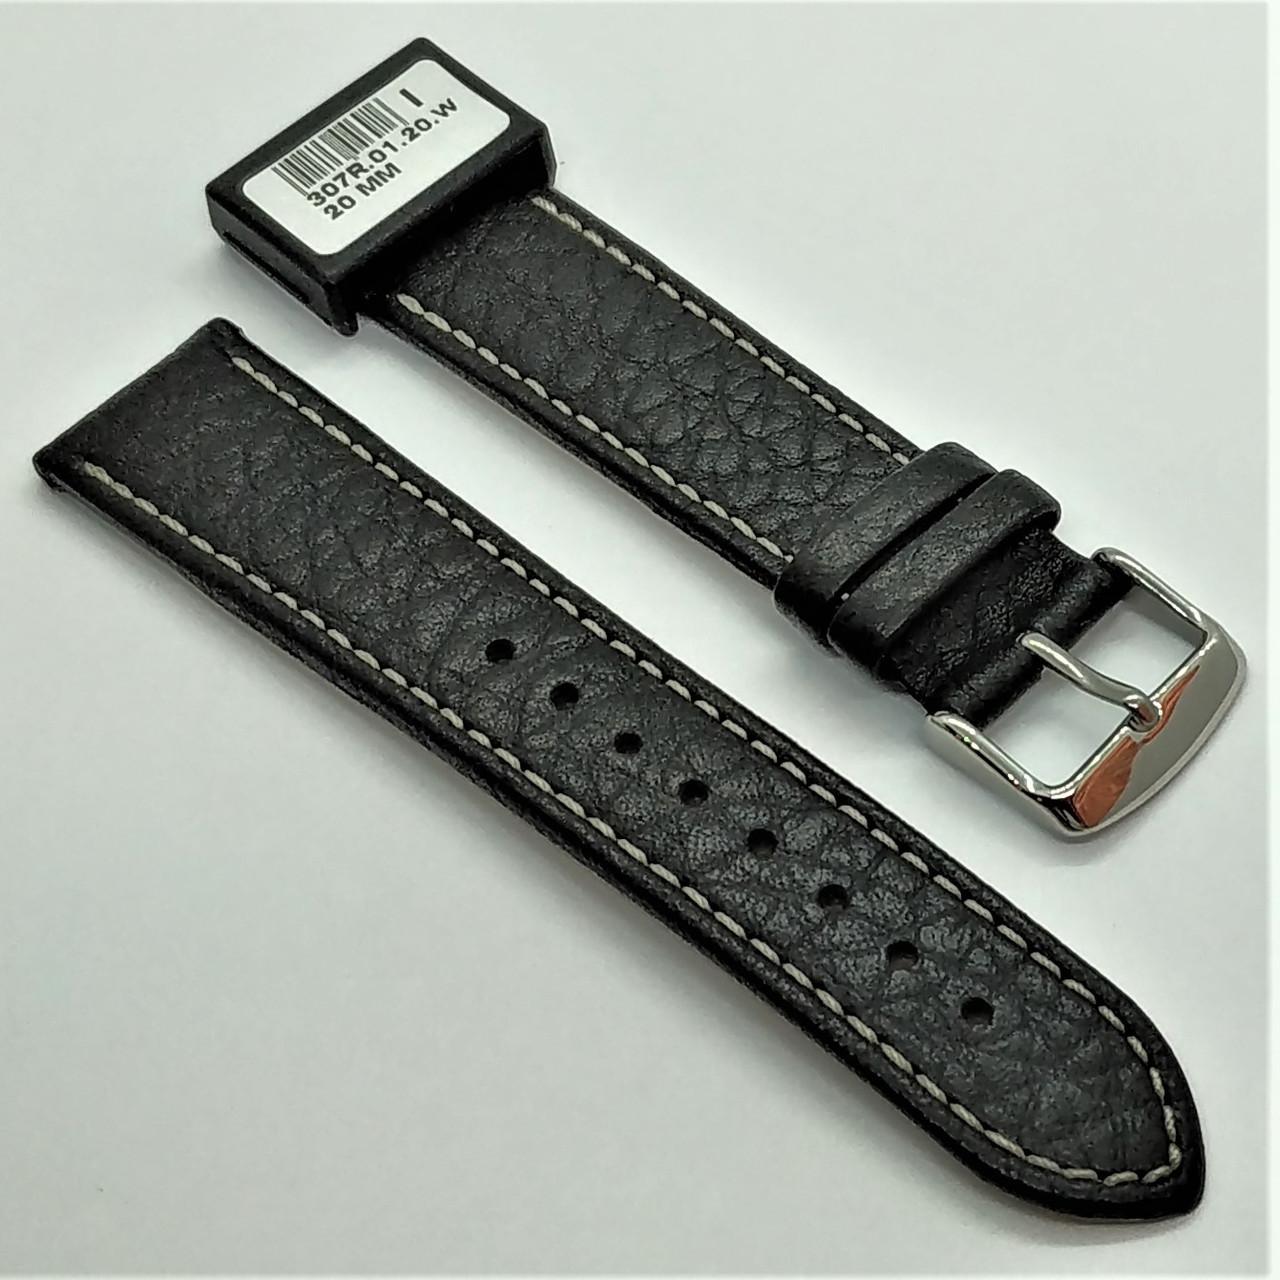 20 мм Кожаный Ремешок для часов CONDOR 307.20.01 Черный Ремешок на часы из Натуральной кожи